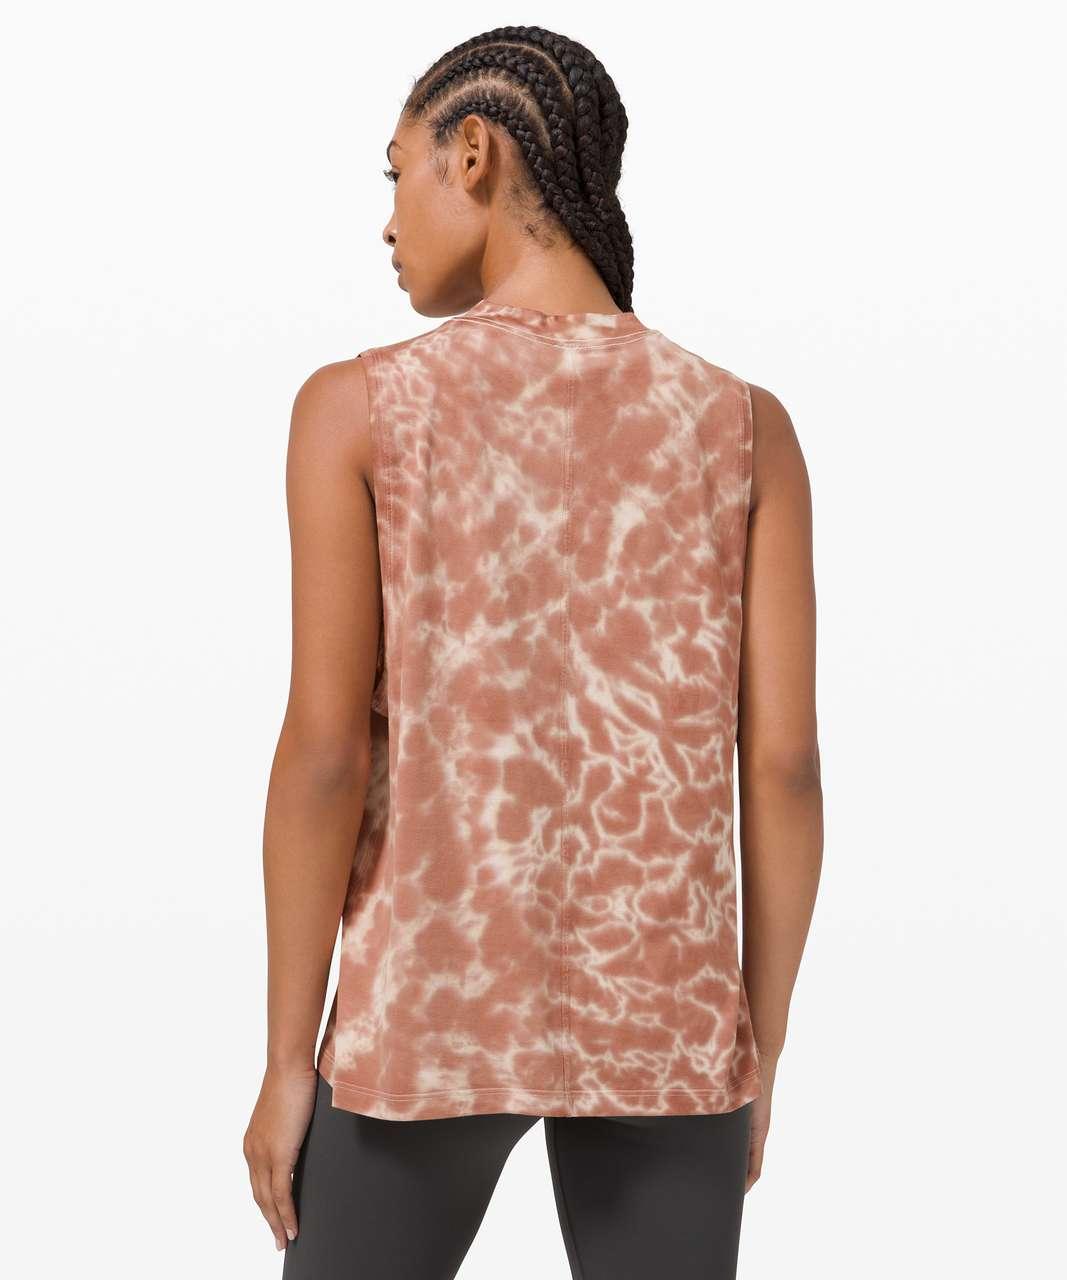 Lululemon All Yours Tank *Tie Dye - Marmoleado Tie Dye Ancient Copper